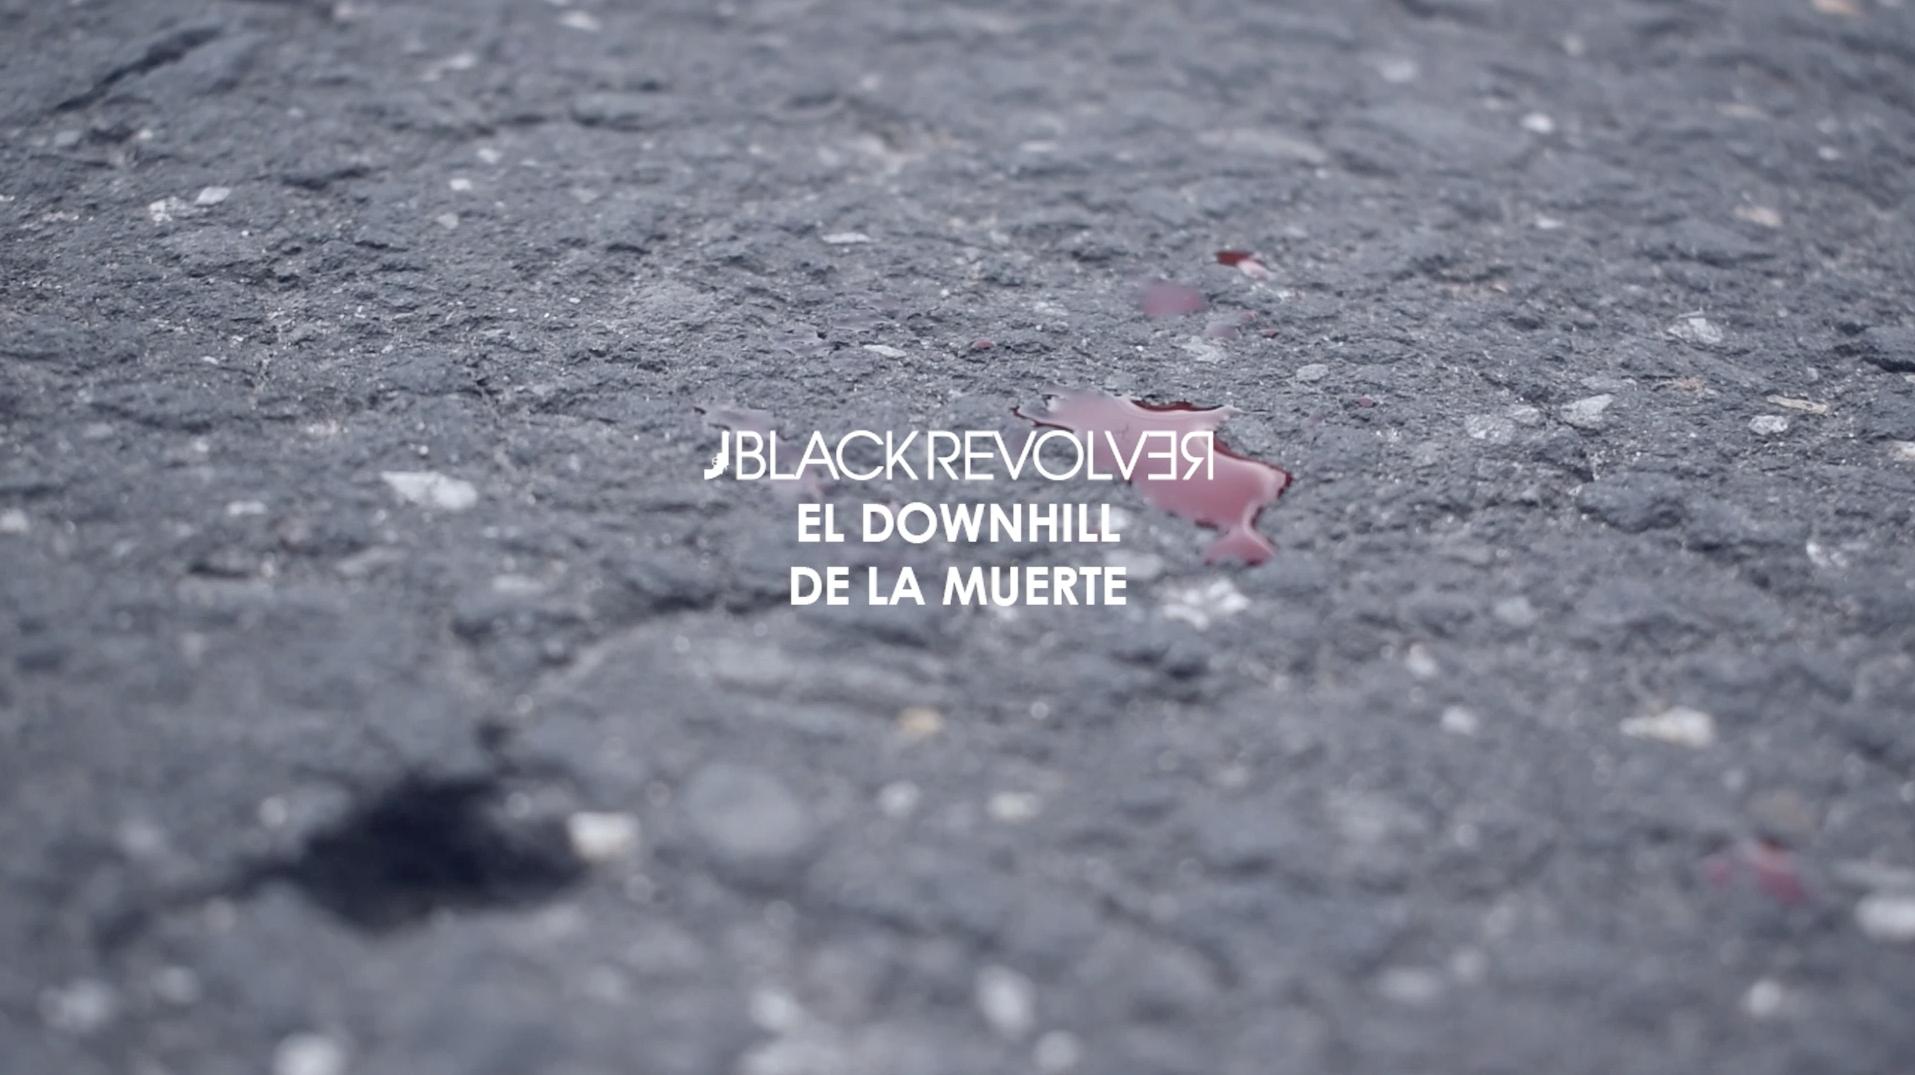 Black Revolver El Downhill de la Muerte Featured